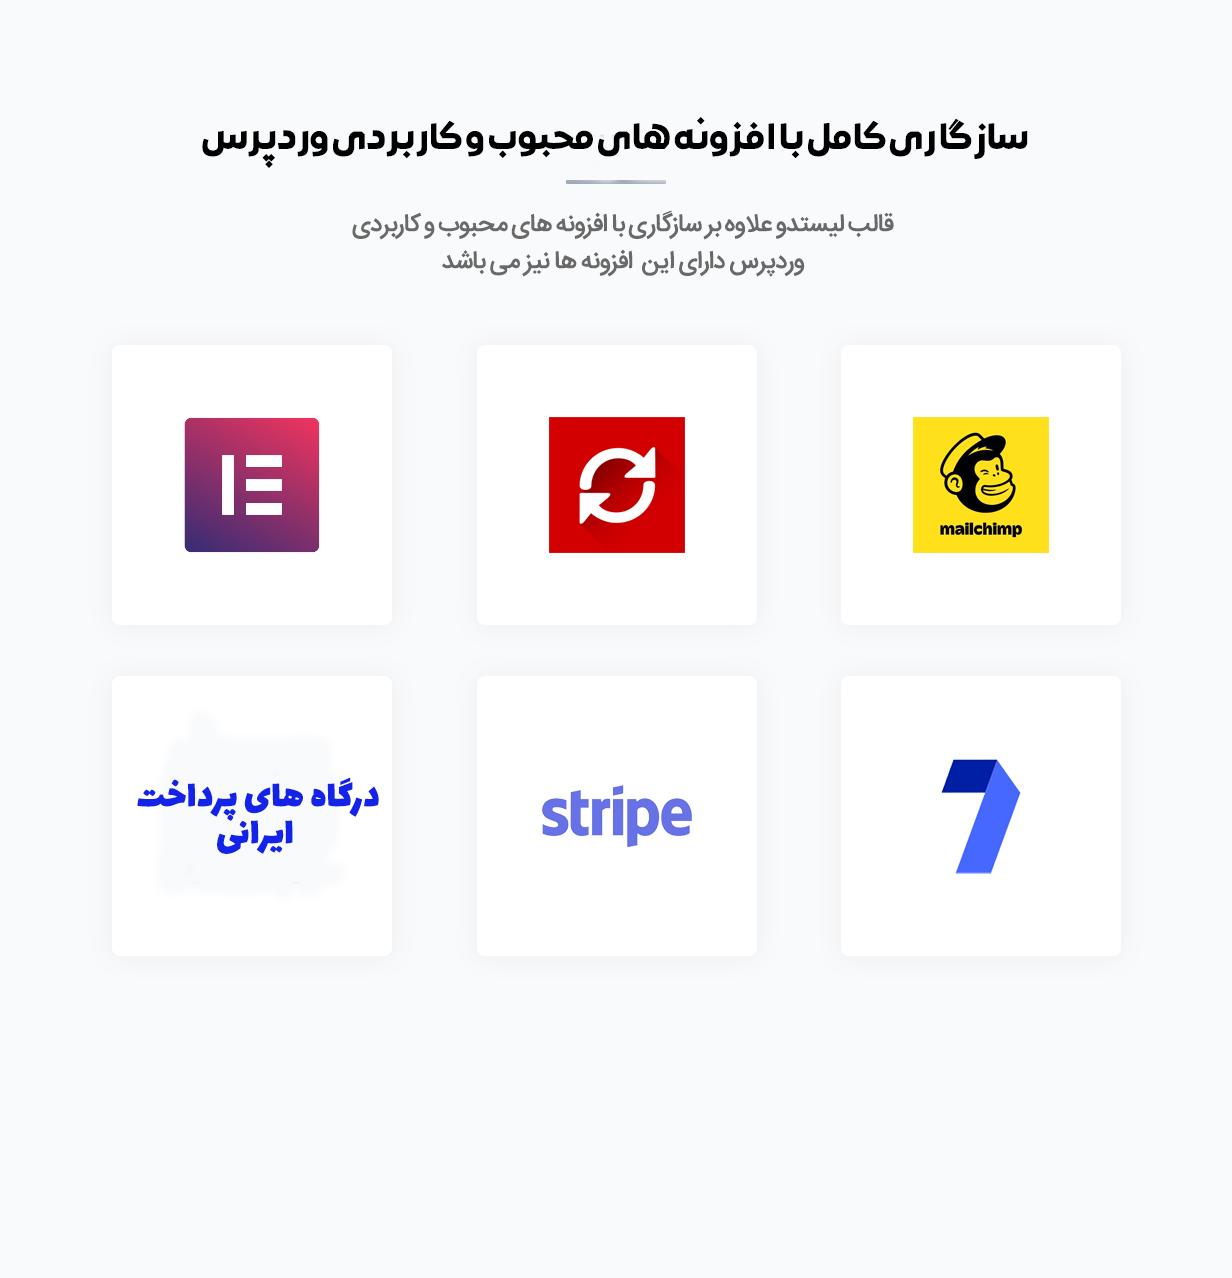 قالب وردپرس آگهی و دایرکتوری لیستدو سازگار با افزونه های مختلف